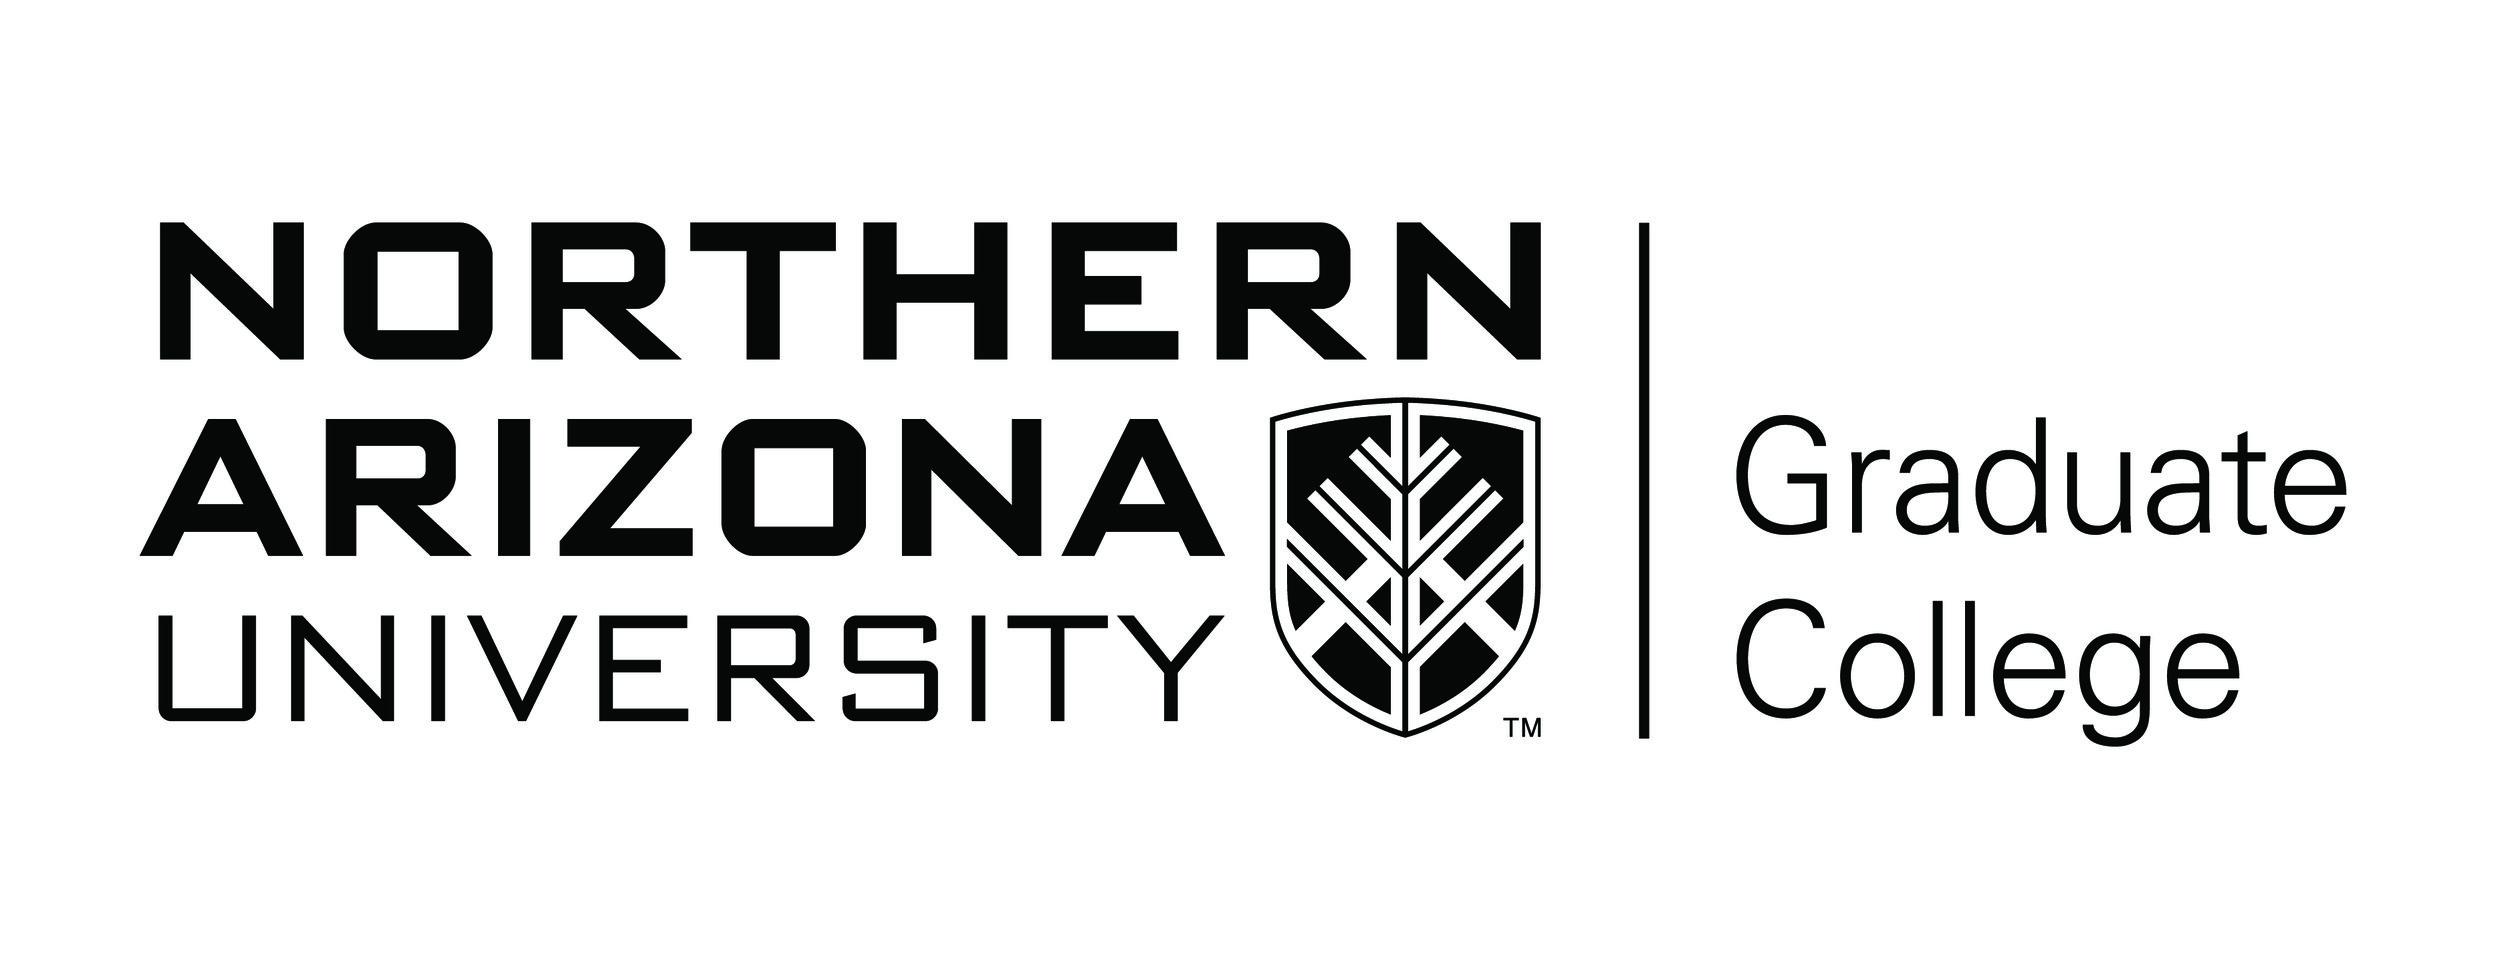 NAU Logos_A_Graduate College-PRIM-black.jpg